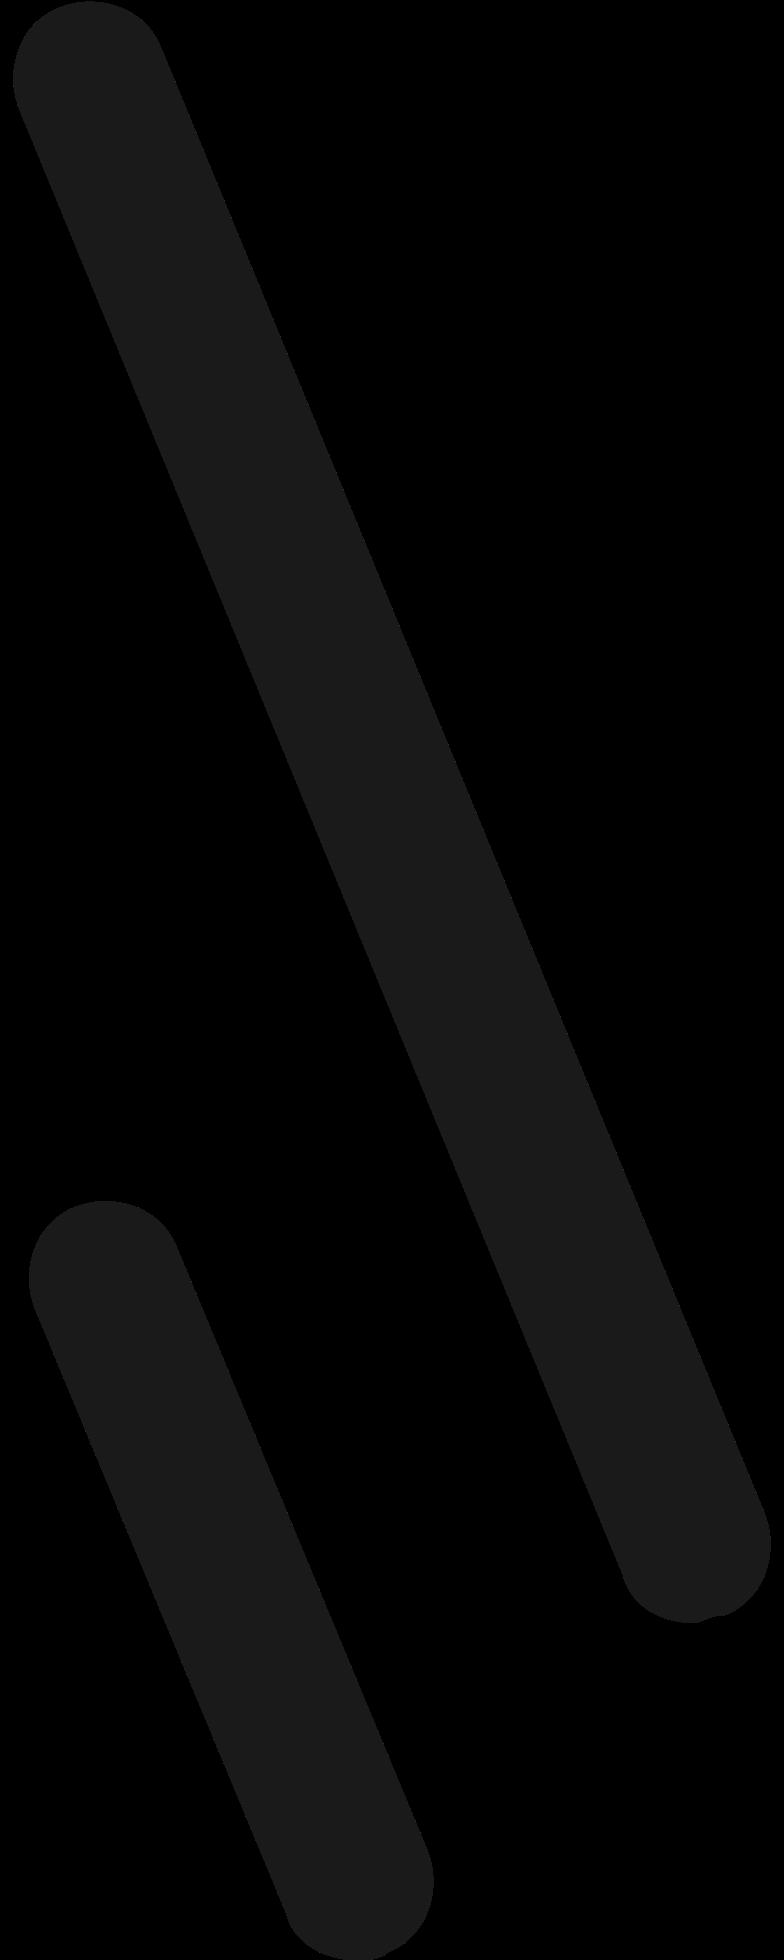 Ilustración de clipart de Puedo decorative lines en PNG, SVG